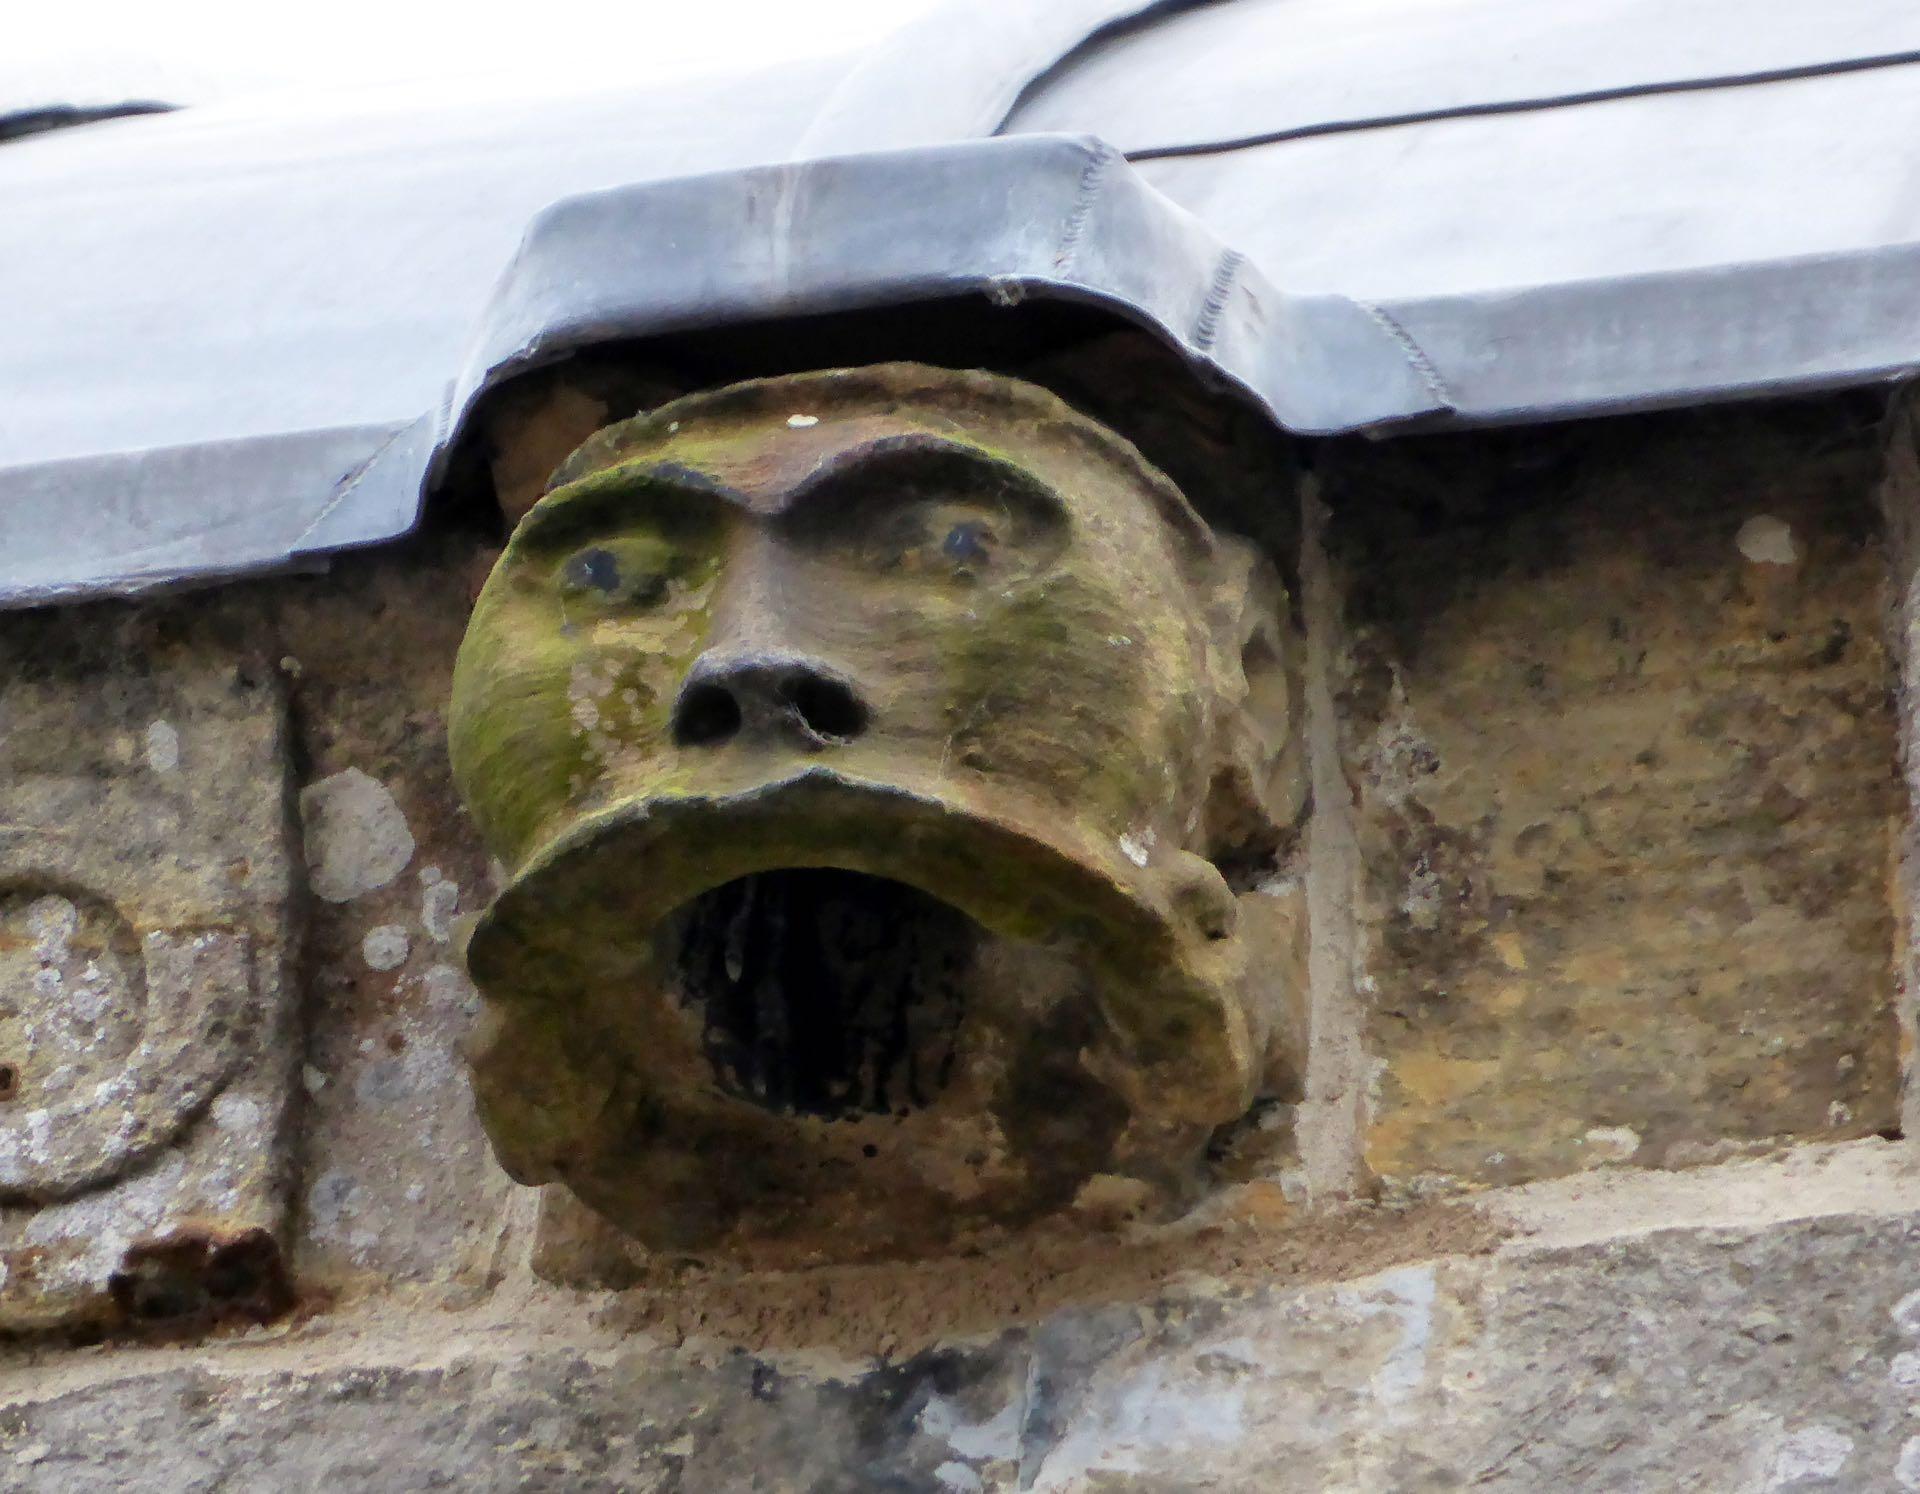 Rosslynin kappelissa riittää mystisiä kasvokuvia. Kuva: ©John Lord, Flickr.com CC BY 2.0